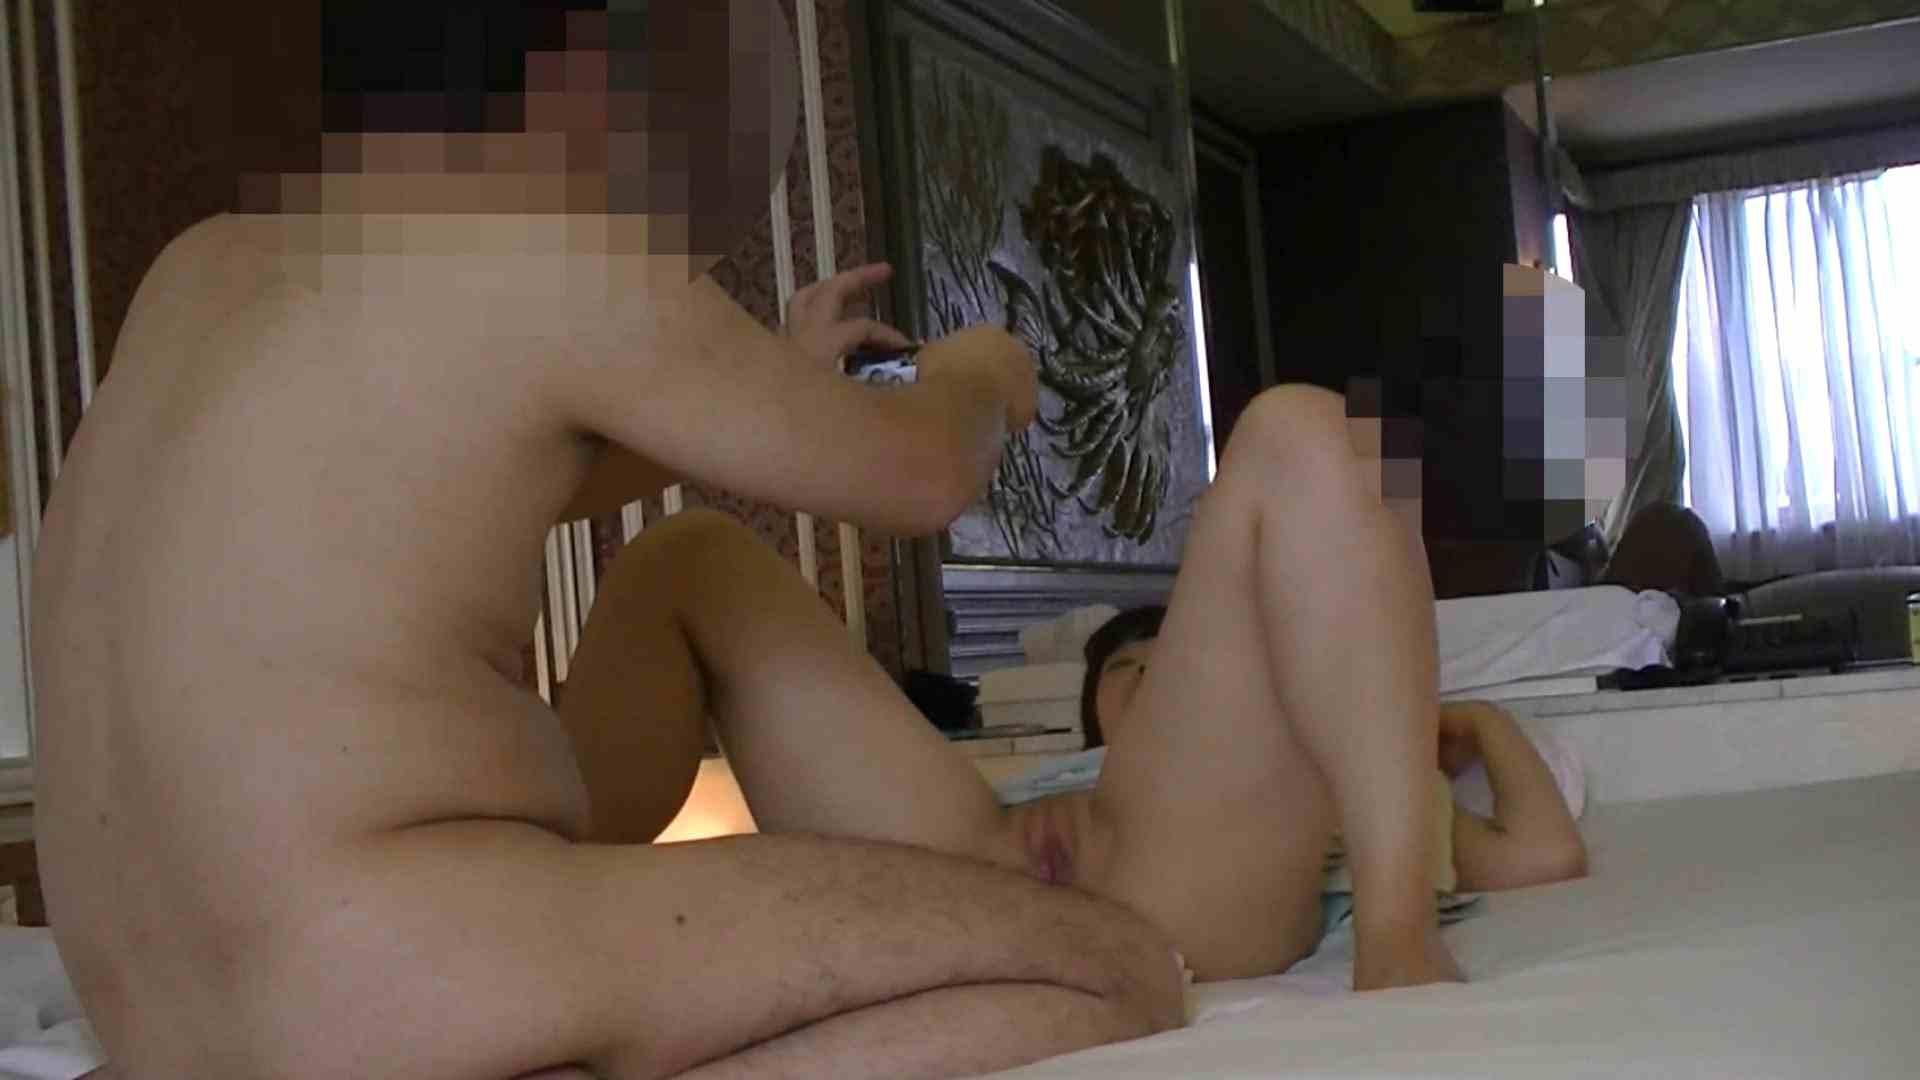 まだイッた経験のない乙女たち Vol.22 乙女ヌード天国  87PIX 72